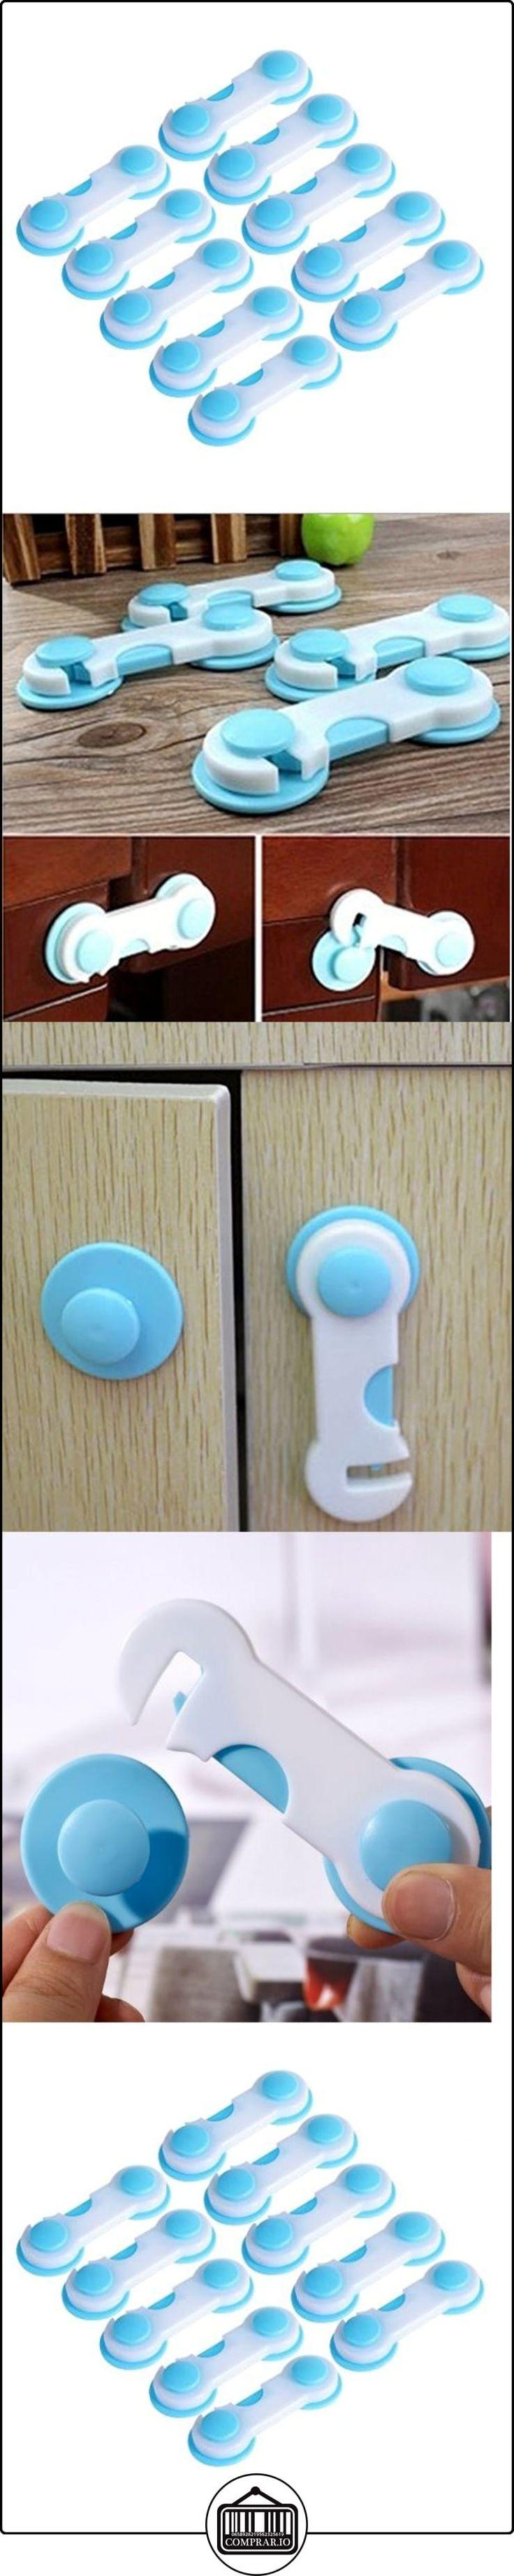 Interesting® Cubierta de 1 set Todder bebé niño niños puerta cajones armario gabinete seguridad plástico cerradura azul 10pcs  ✿ Seguridad para tu bebé - (Protege a tus hijos) ✿ ▬► Ver oferta: http://comprar.io/goto/B01MYPHX1U